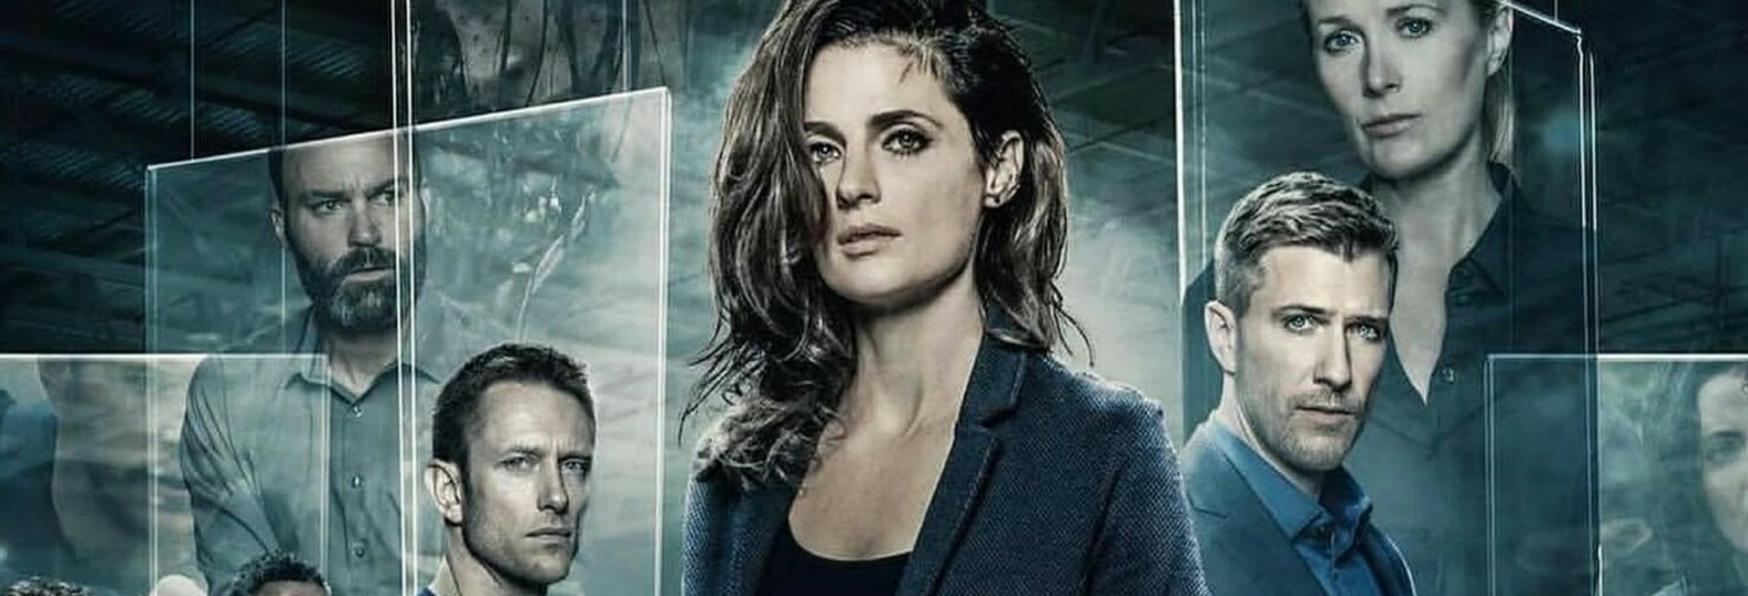 Absentia 3: Recensione del 1° Episodio della nuova Stagione della Serie TV Amazon